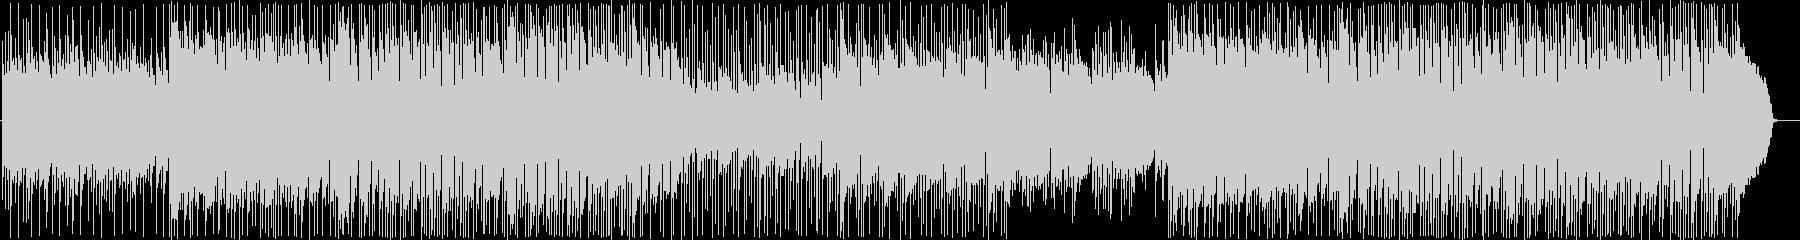 アコギのアンサンブル、さわやか系の一曲の未再生の波形